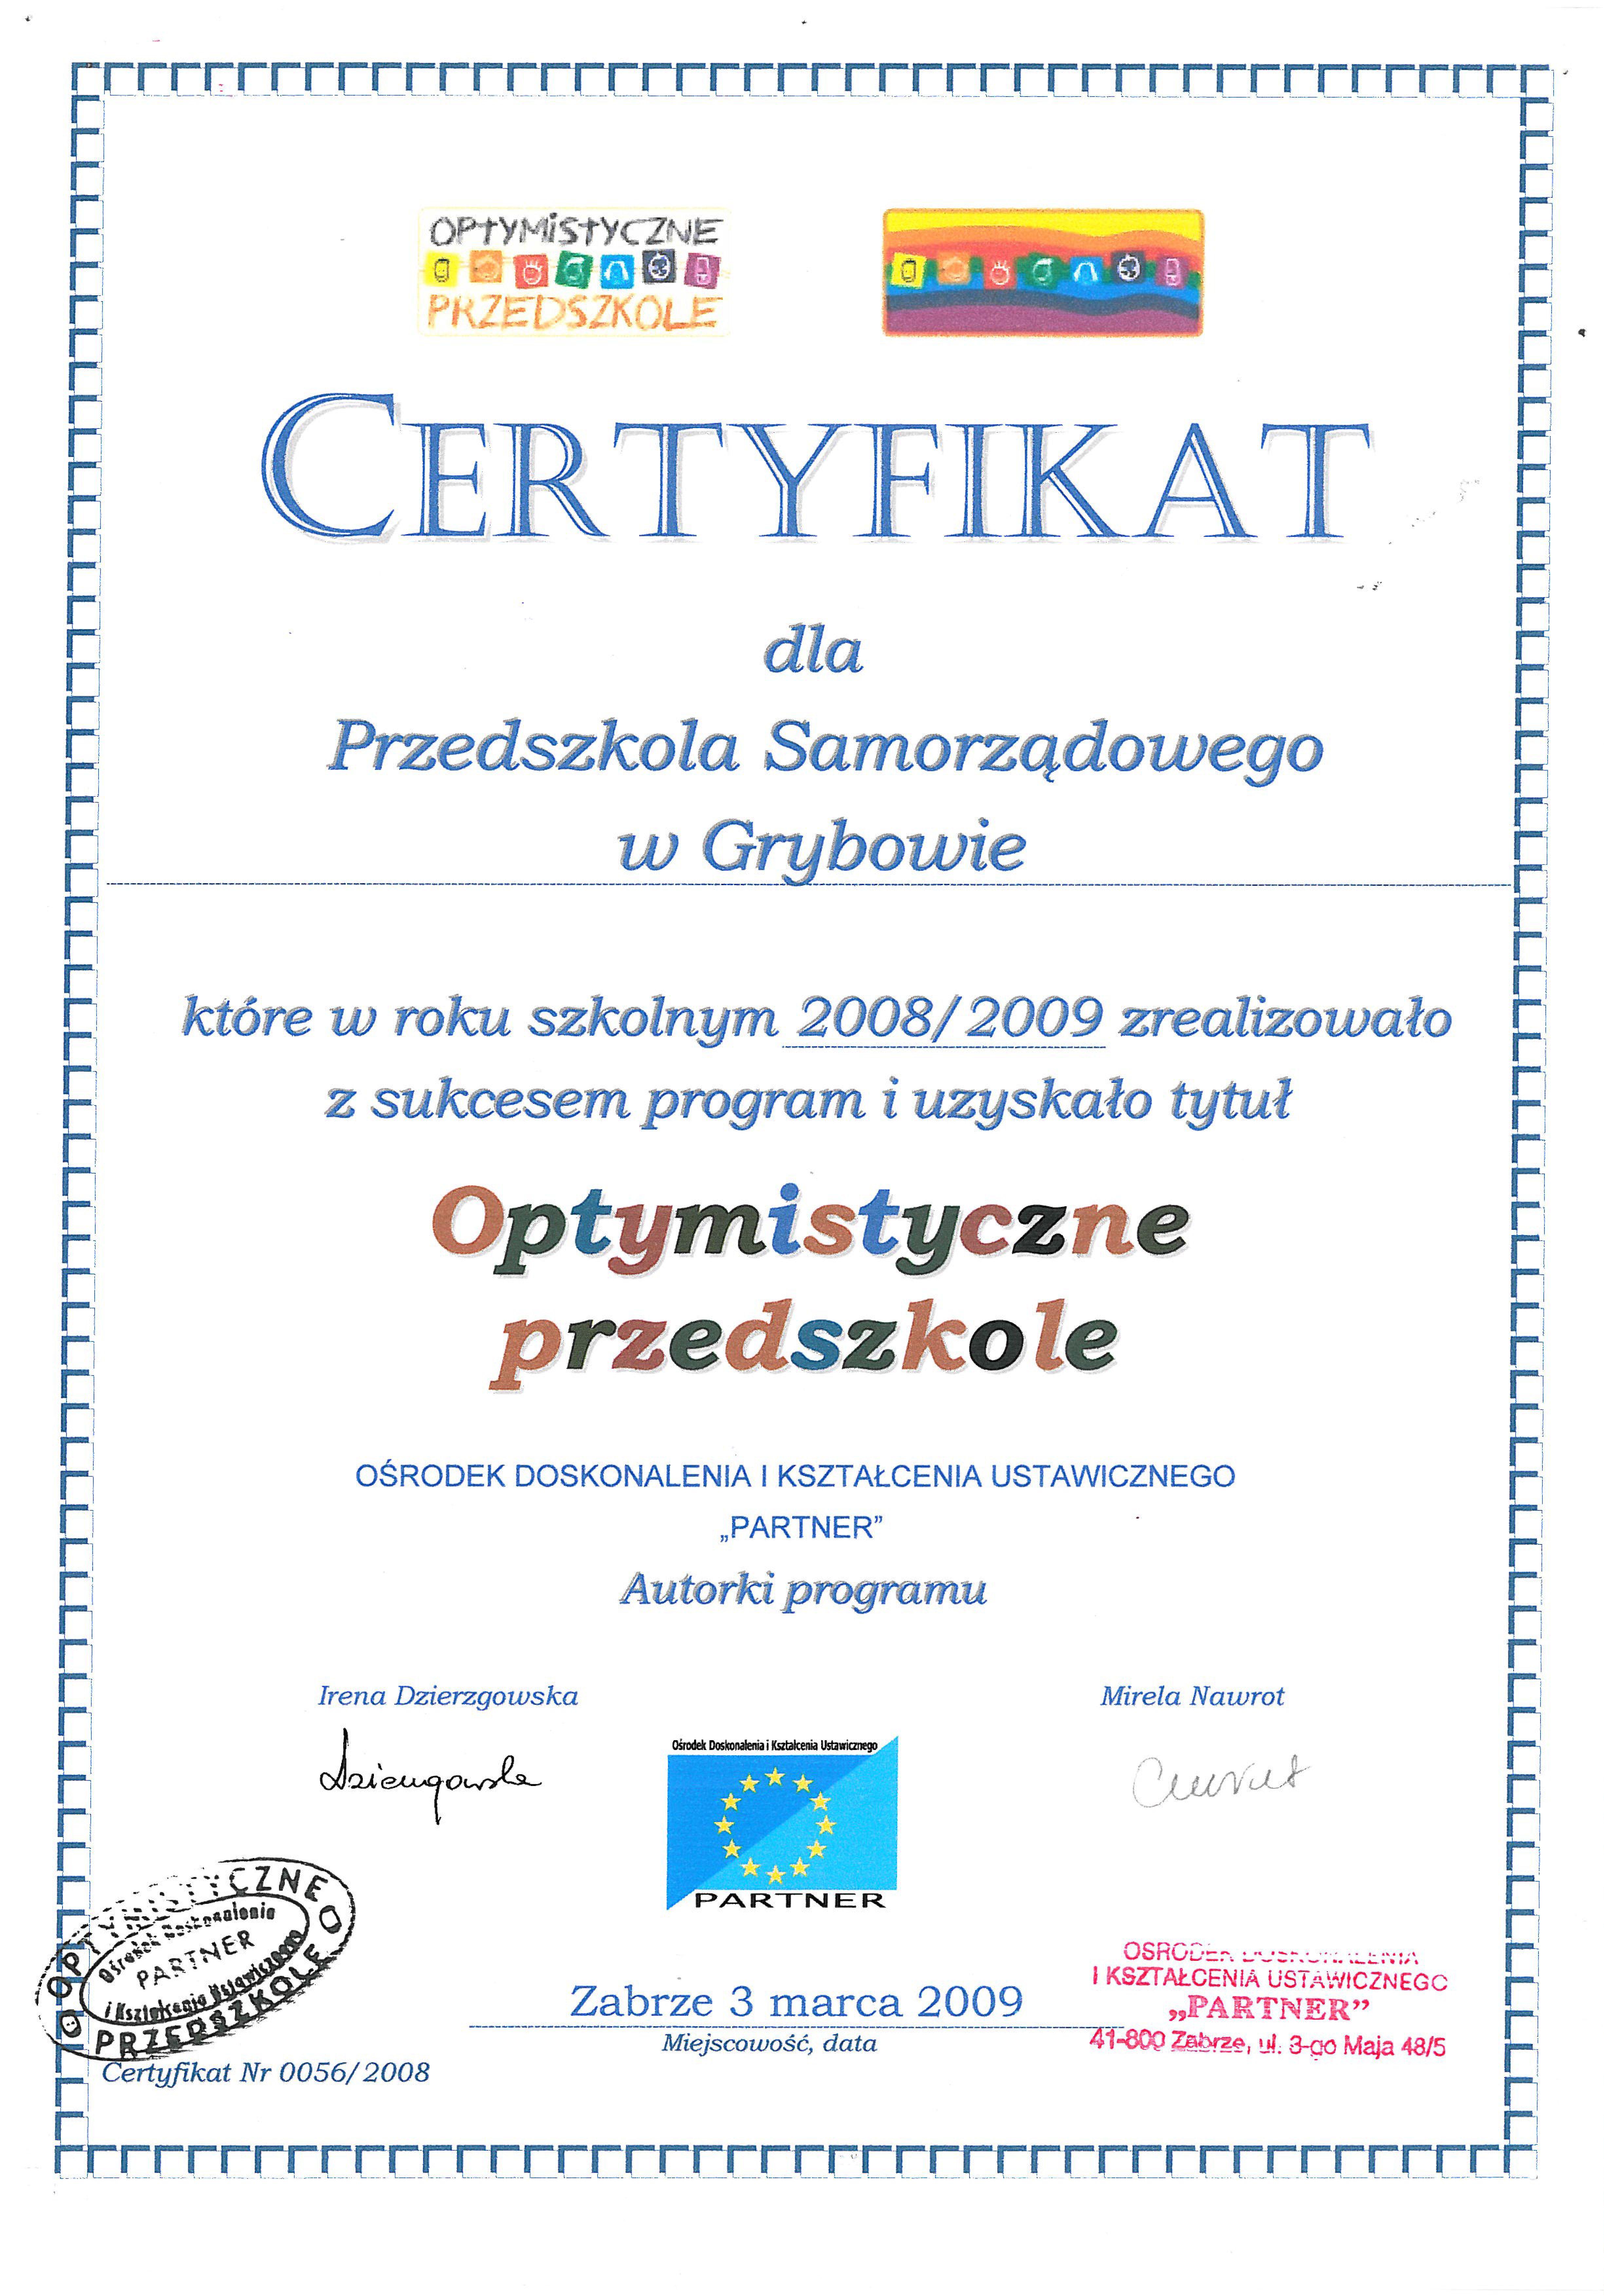 Przedszkole: Certyfikaty i wyróznienia